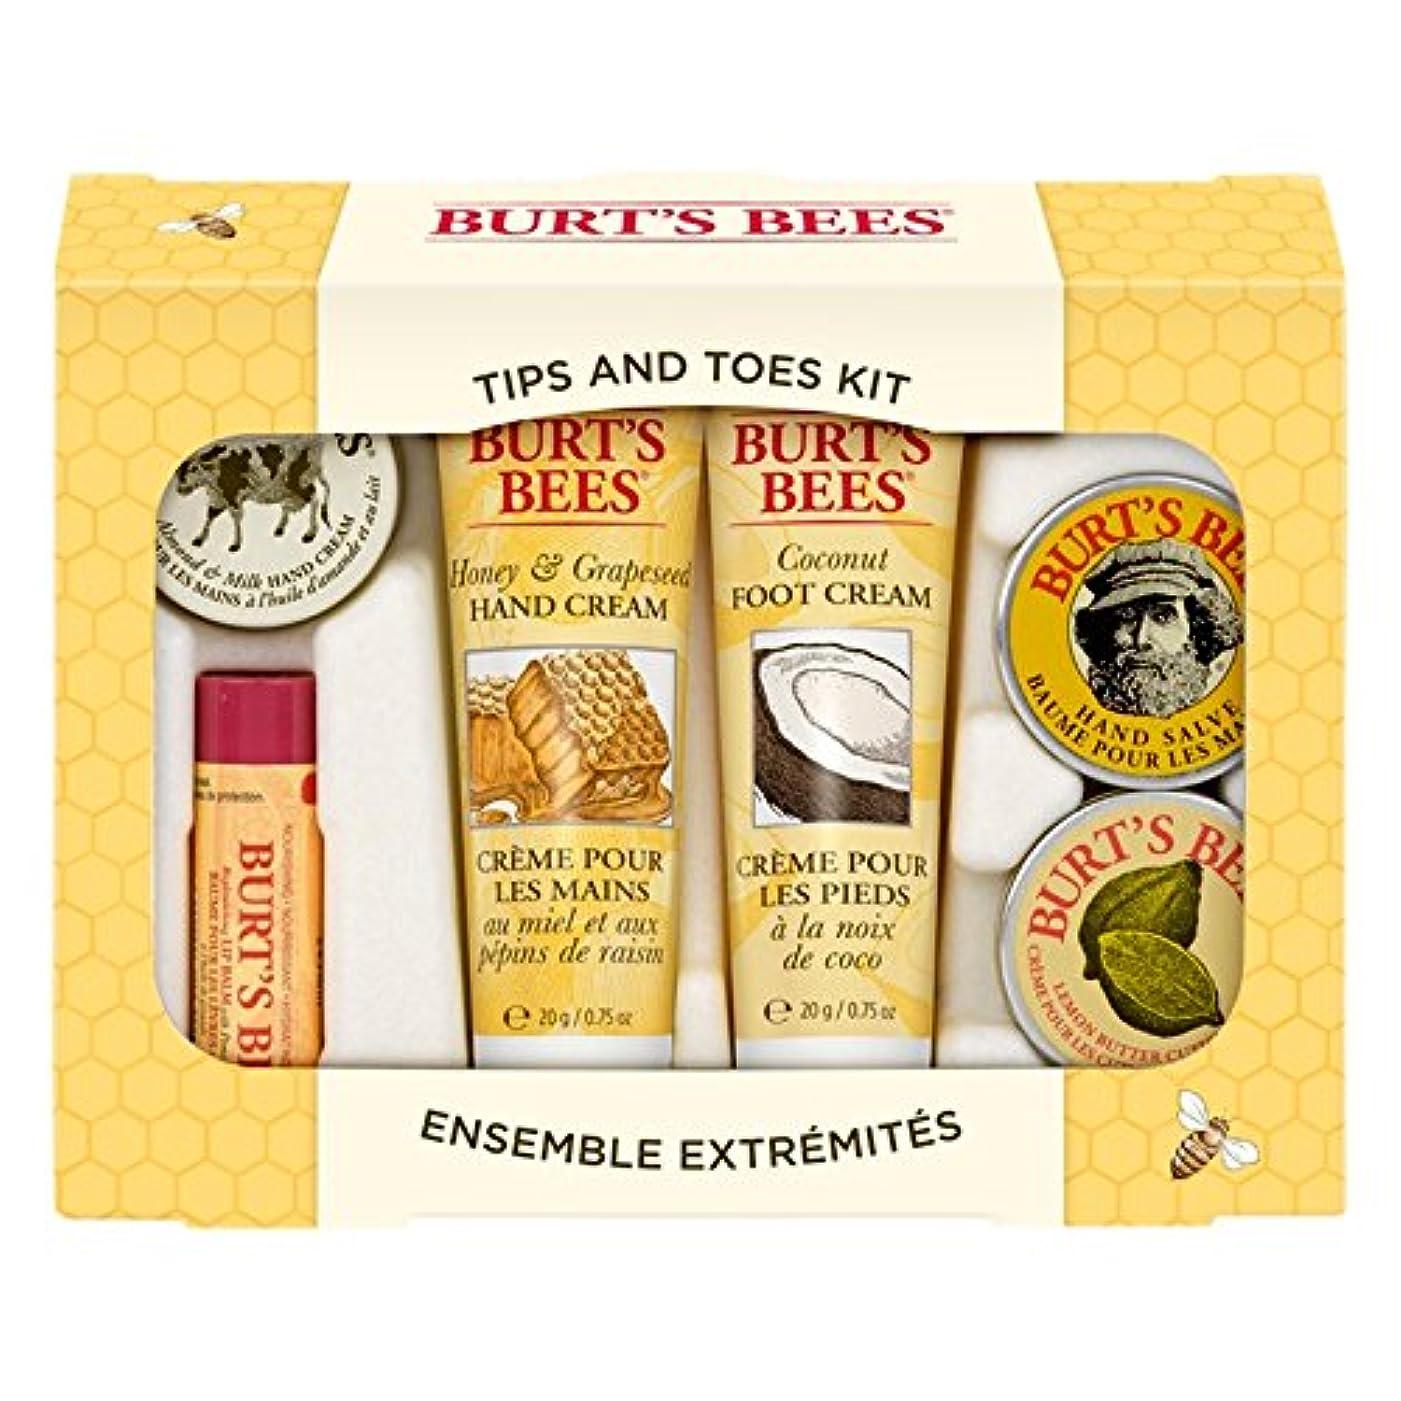 部分的に幅郵便番号バーツビーのヒントとつま先はスターターキットをスキンケア (Burt's Bees) - Burt's Bees Tips And Toes Skincare Starter Kit [並行輸入品]